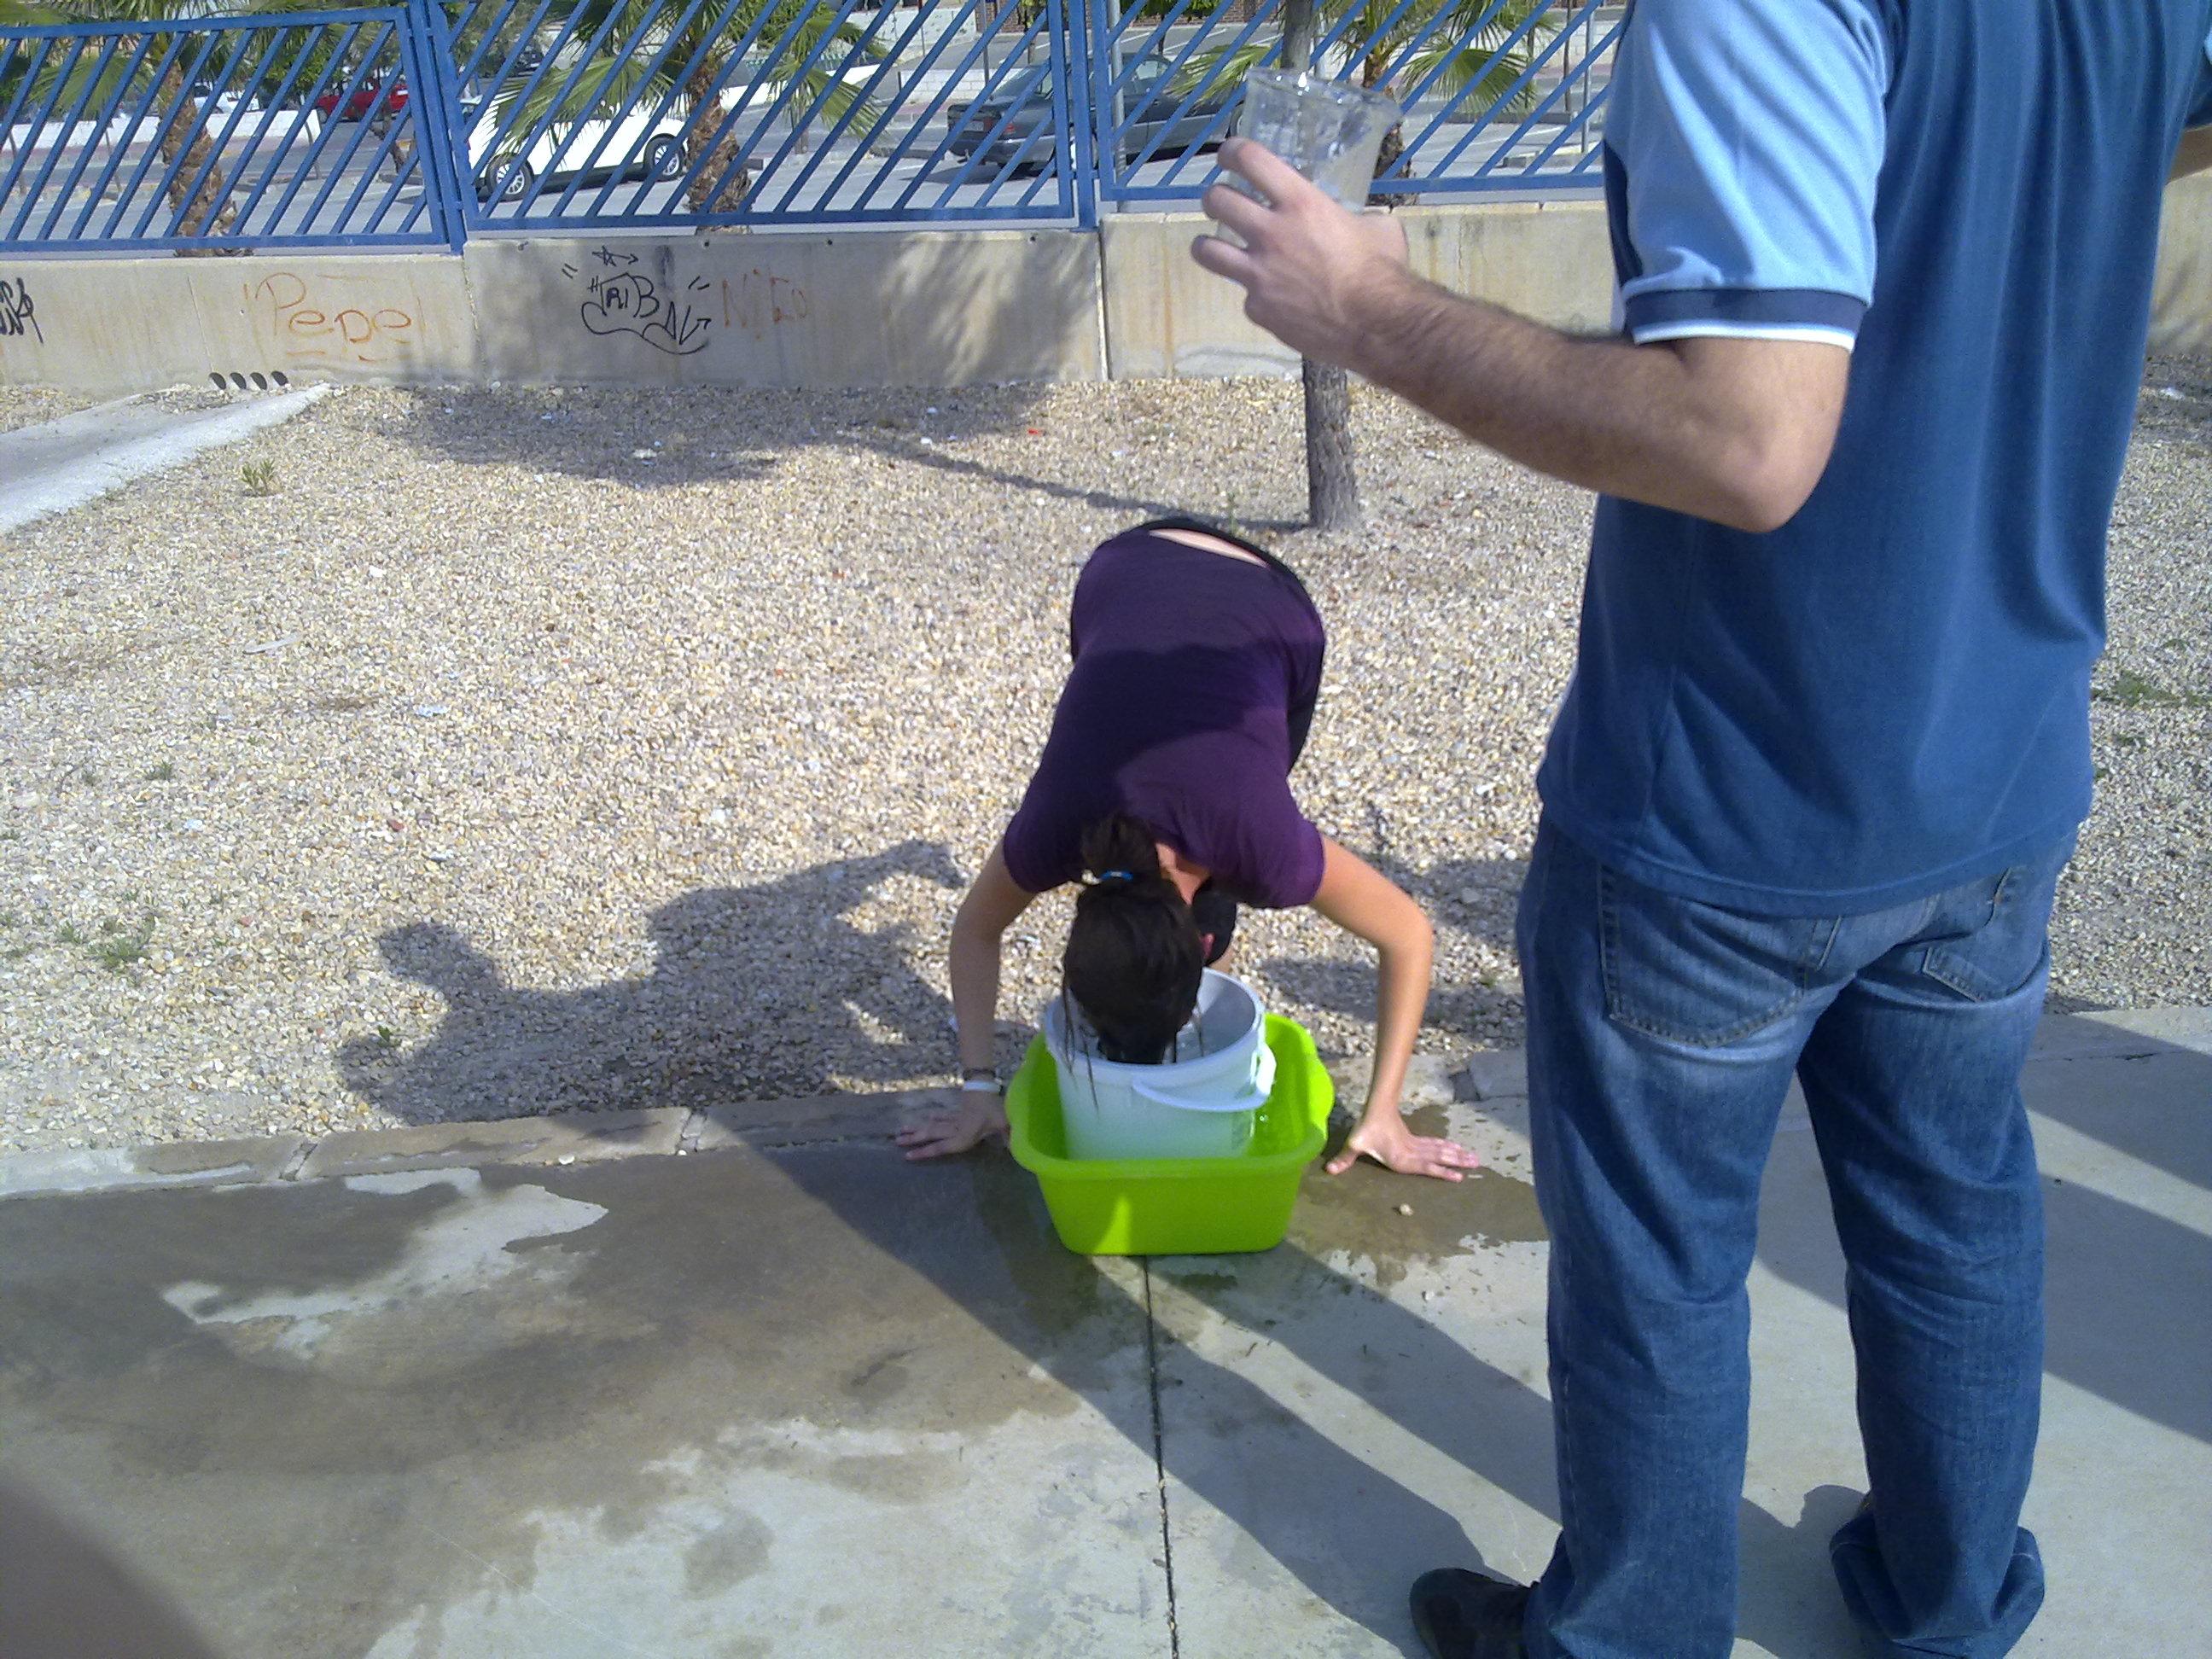 cubo ¿Cómo enseñar a 35ºC? Metiendo la cabeza en un cubo.